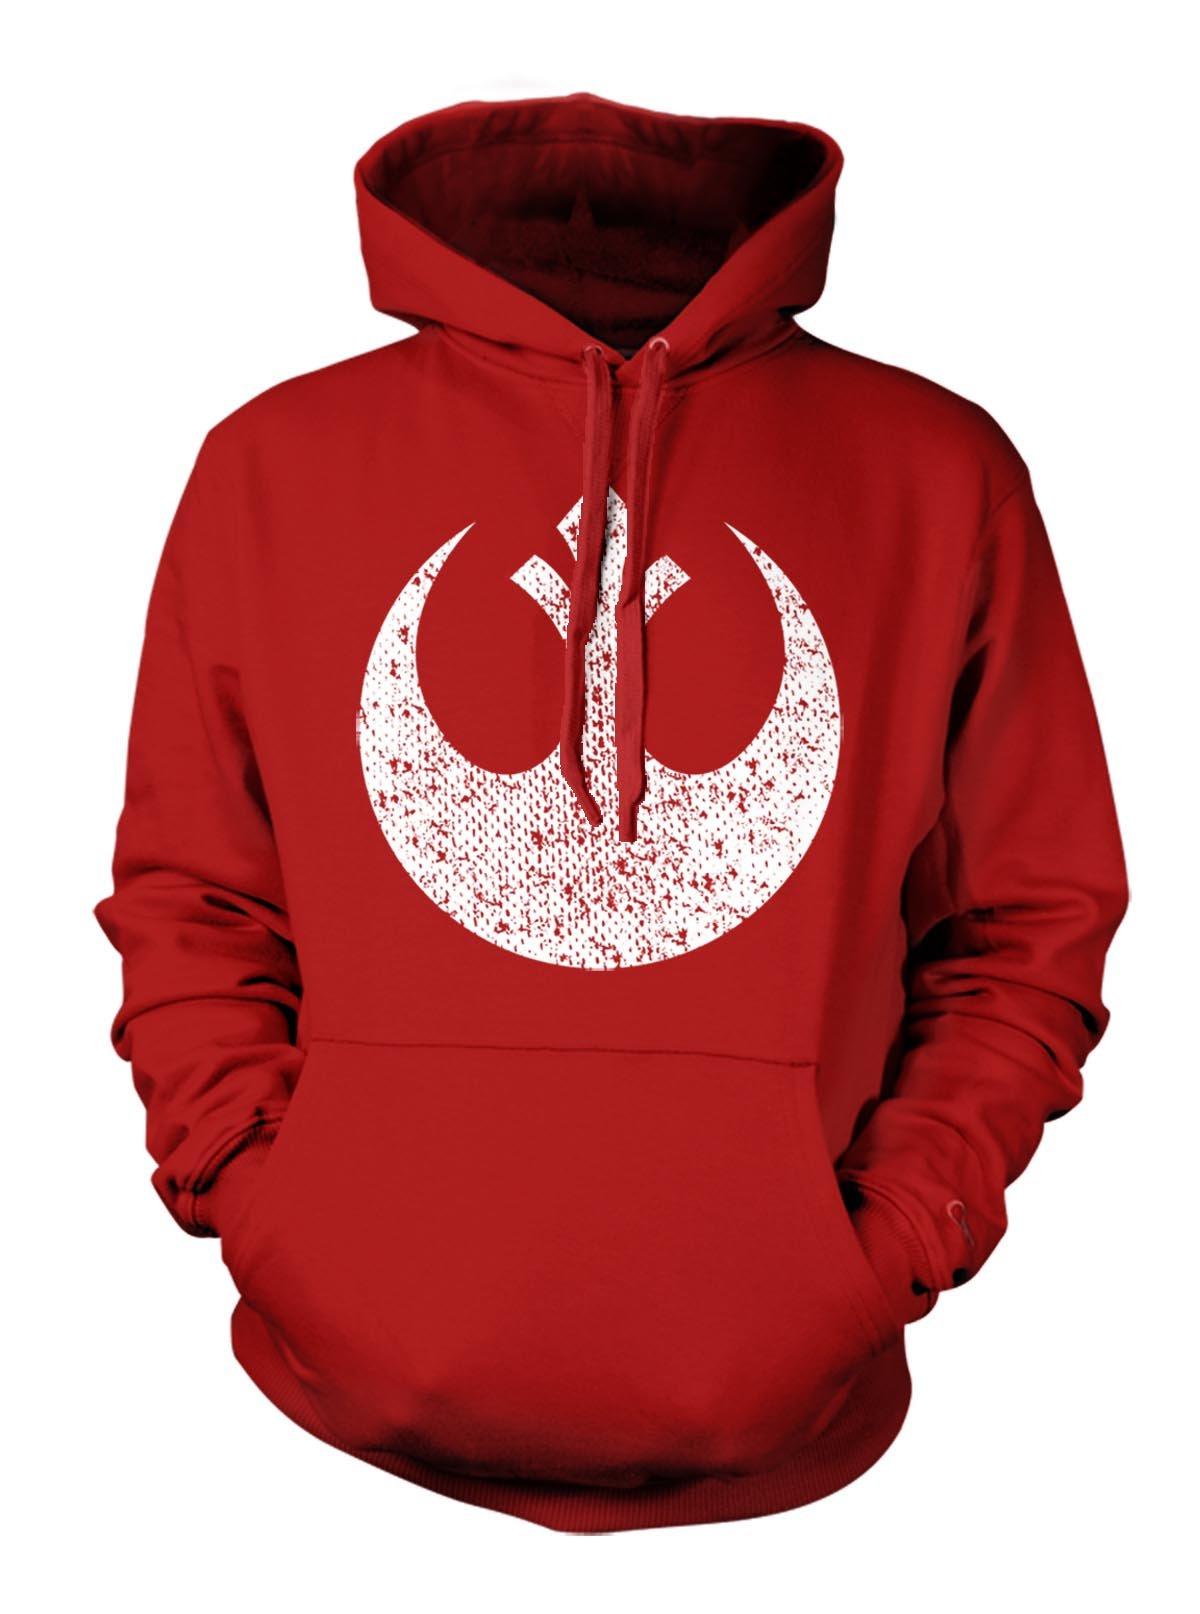 Old Rebel - Star Wars Men's Hoodie Sweatshirt